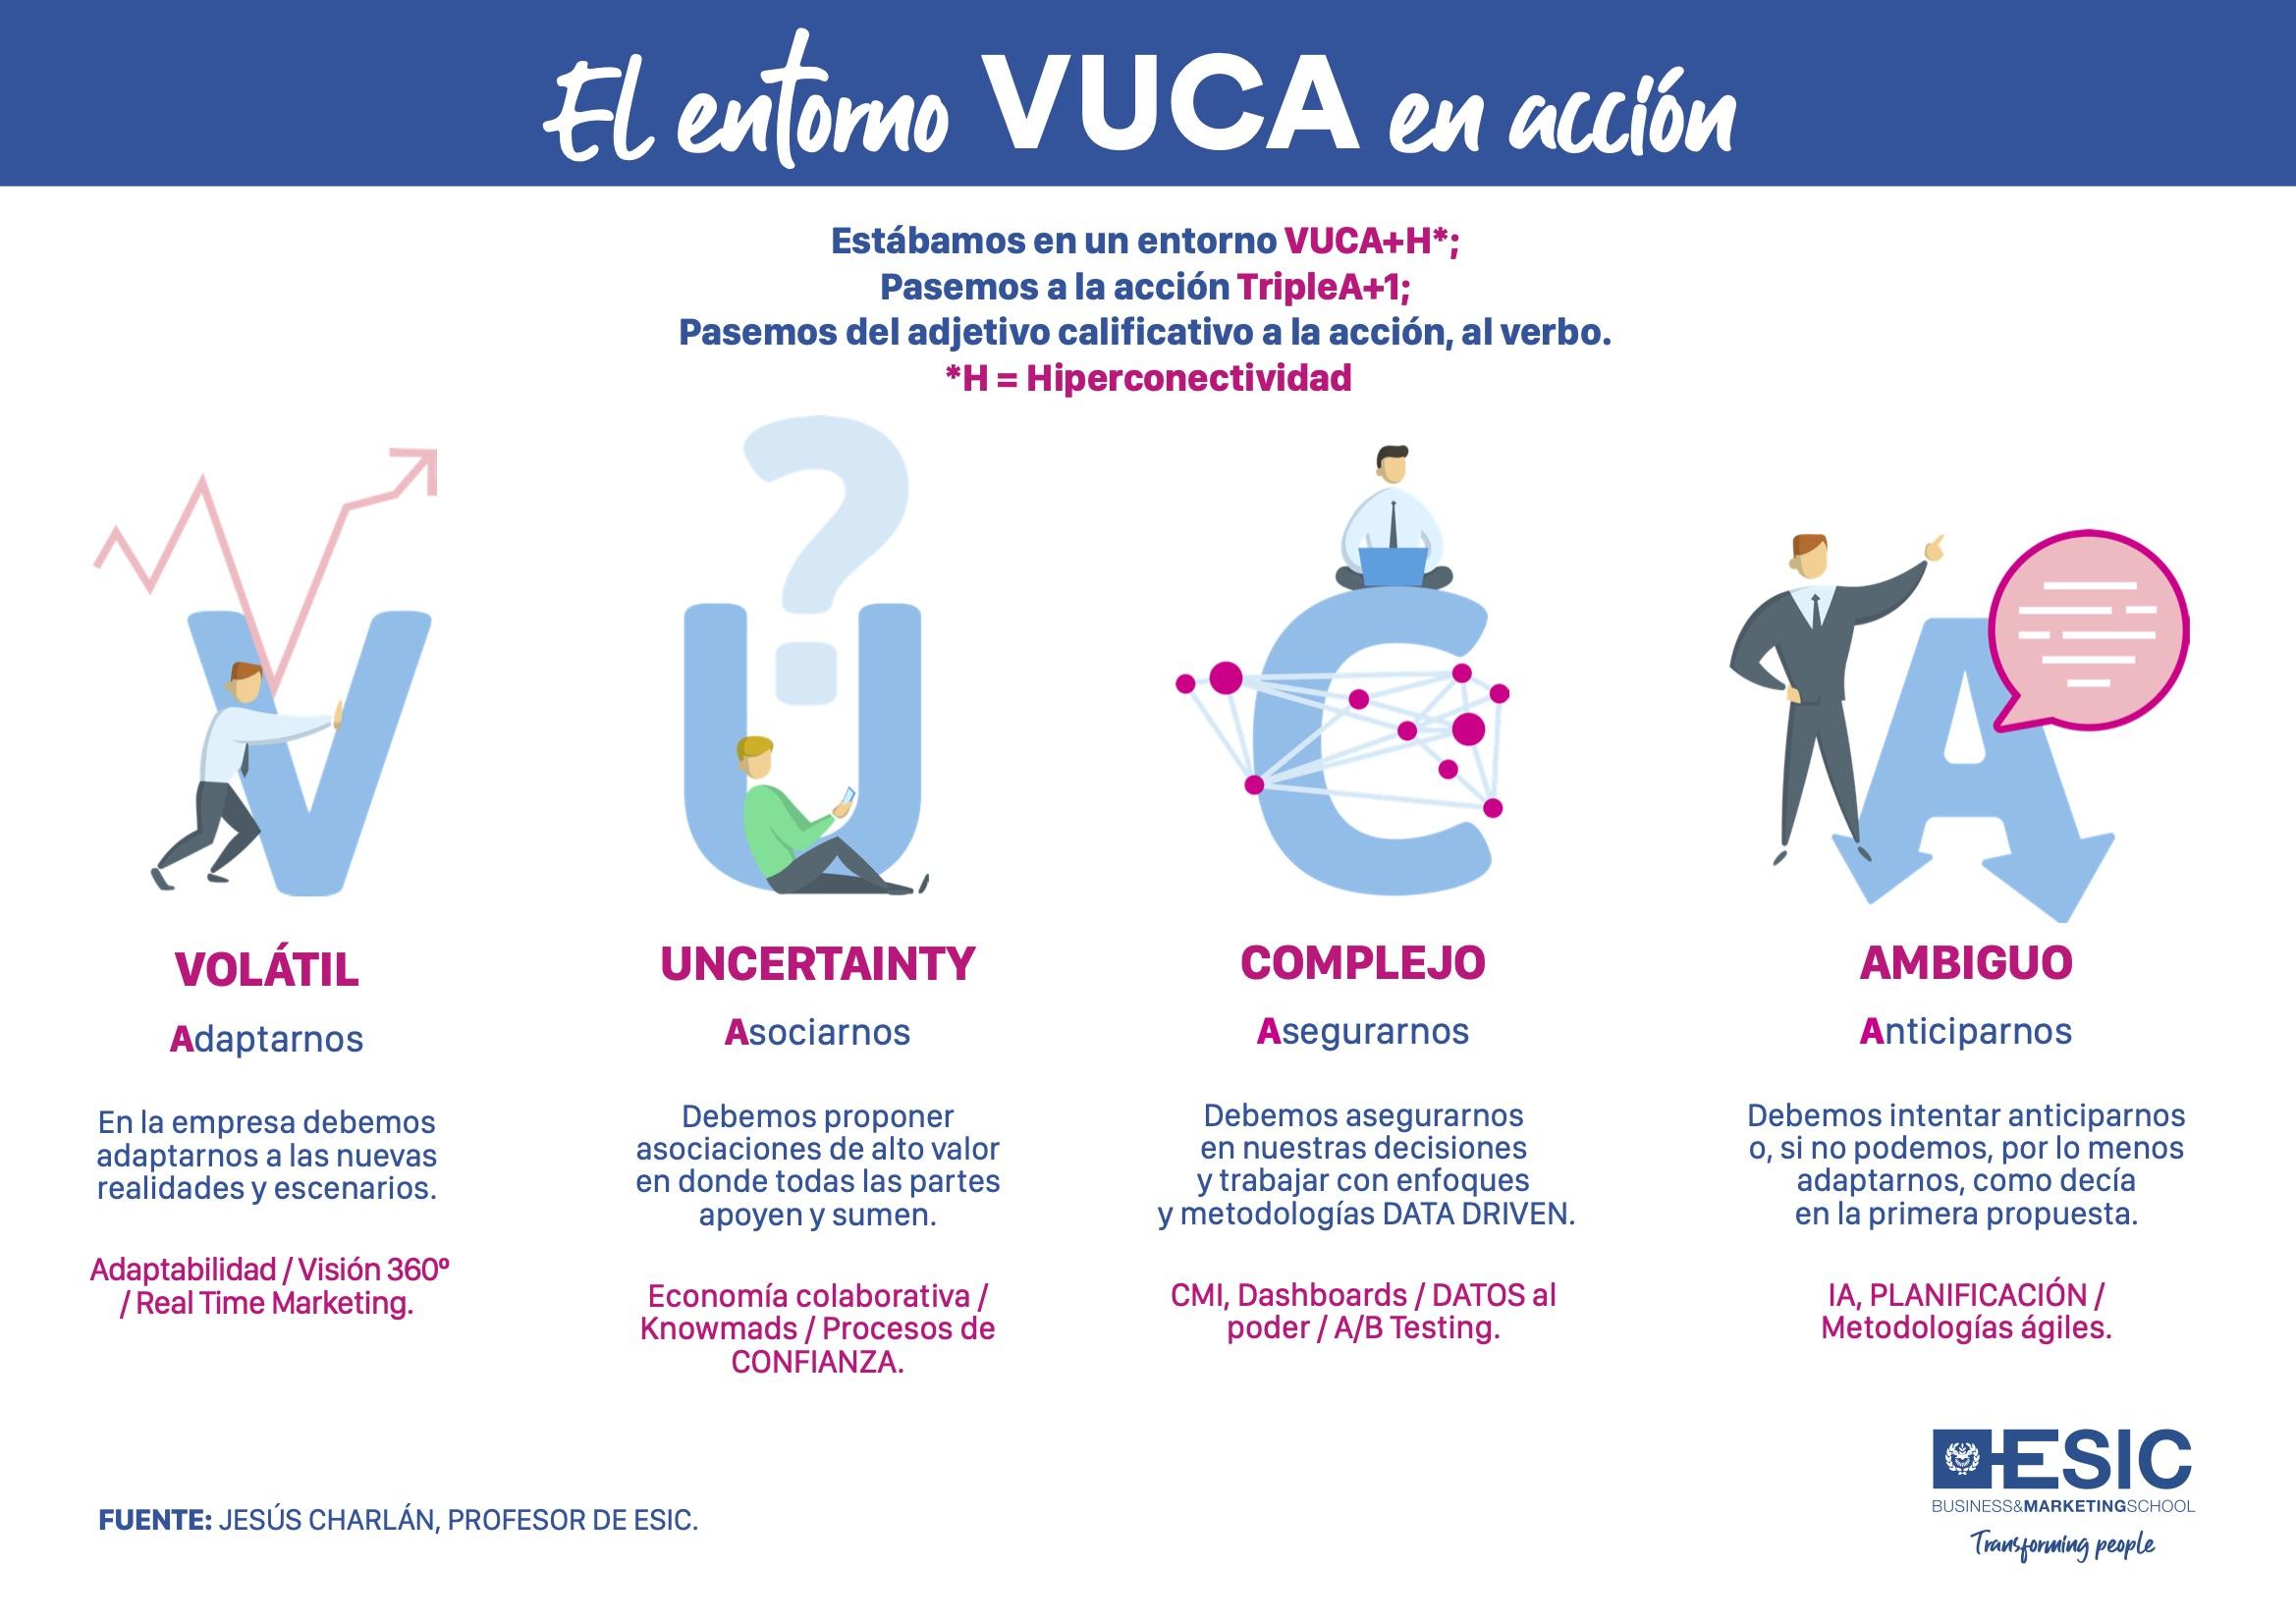 El entorno VUCA en acción #infografia #infographic